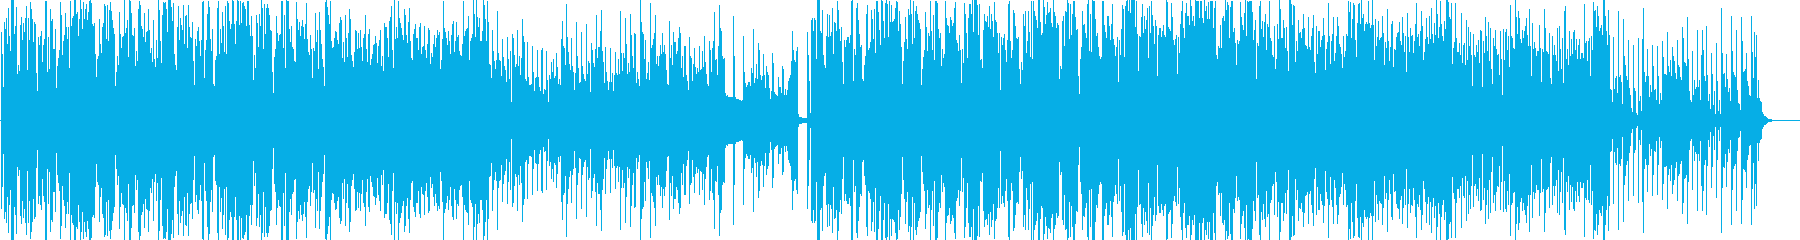 オシャレで可愛いテクノポップ・ディスコ系の再生済みの波形